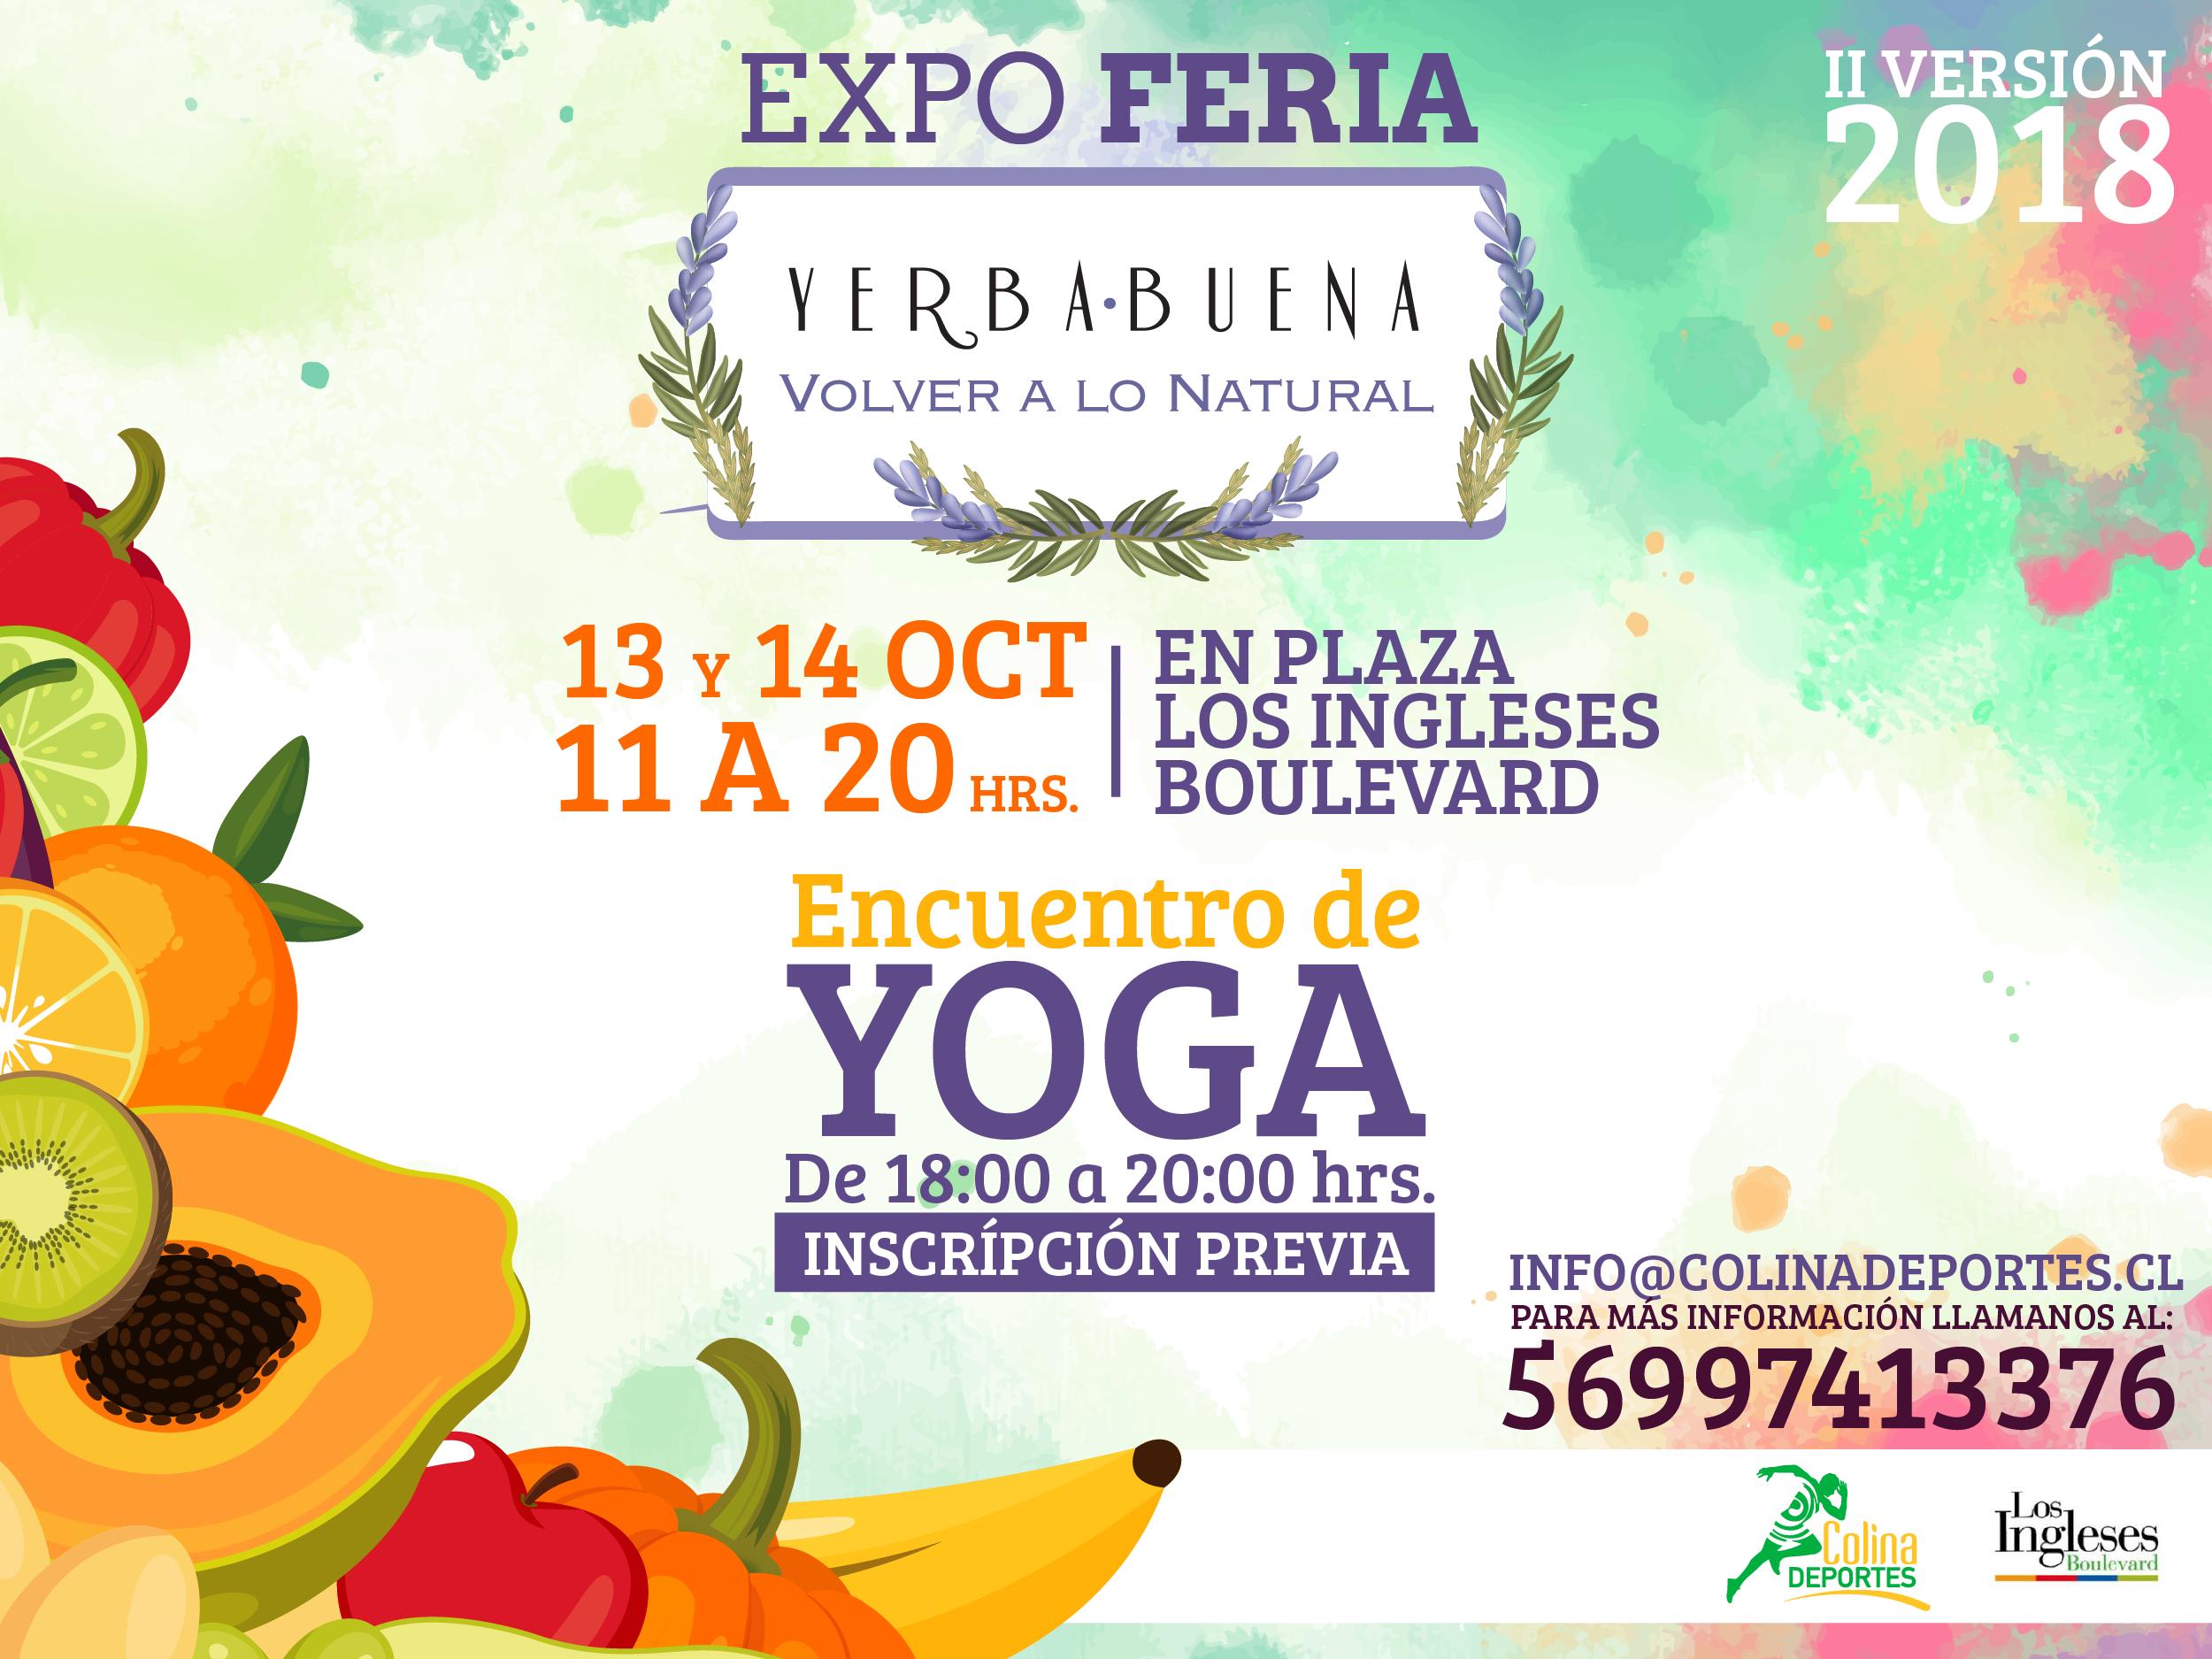 II versión: EXPO YERBA BUENA